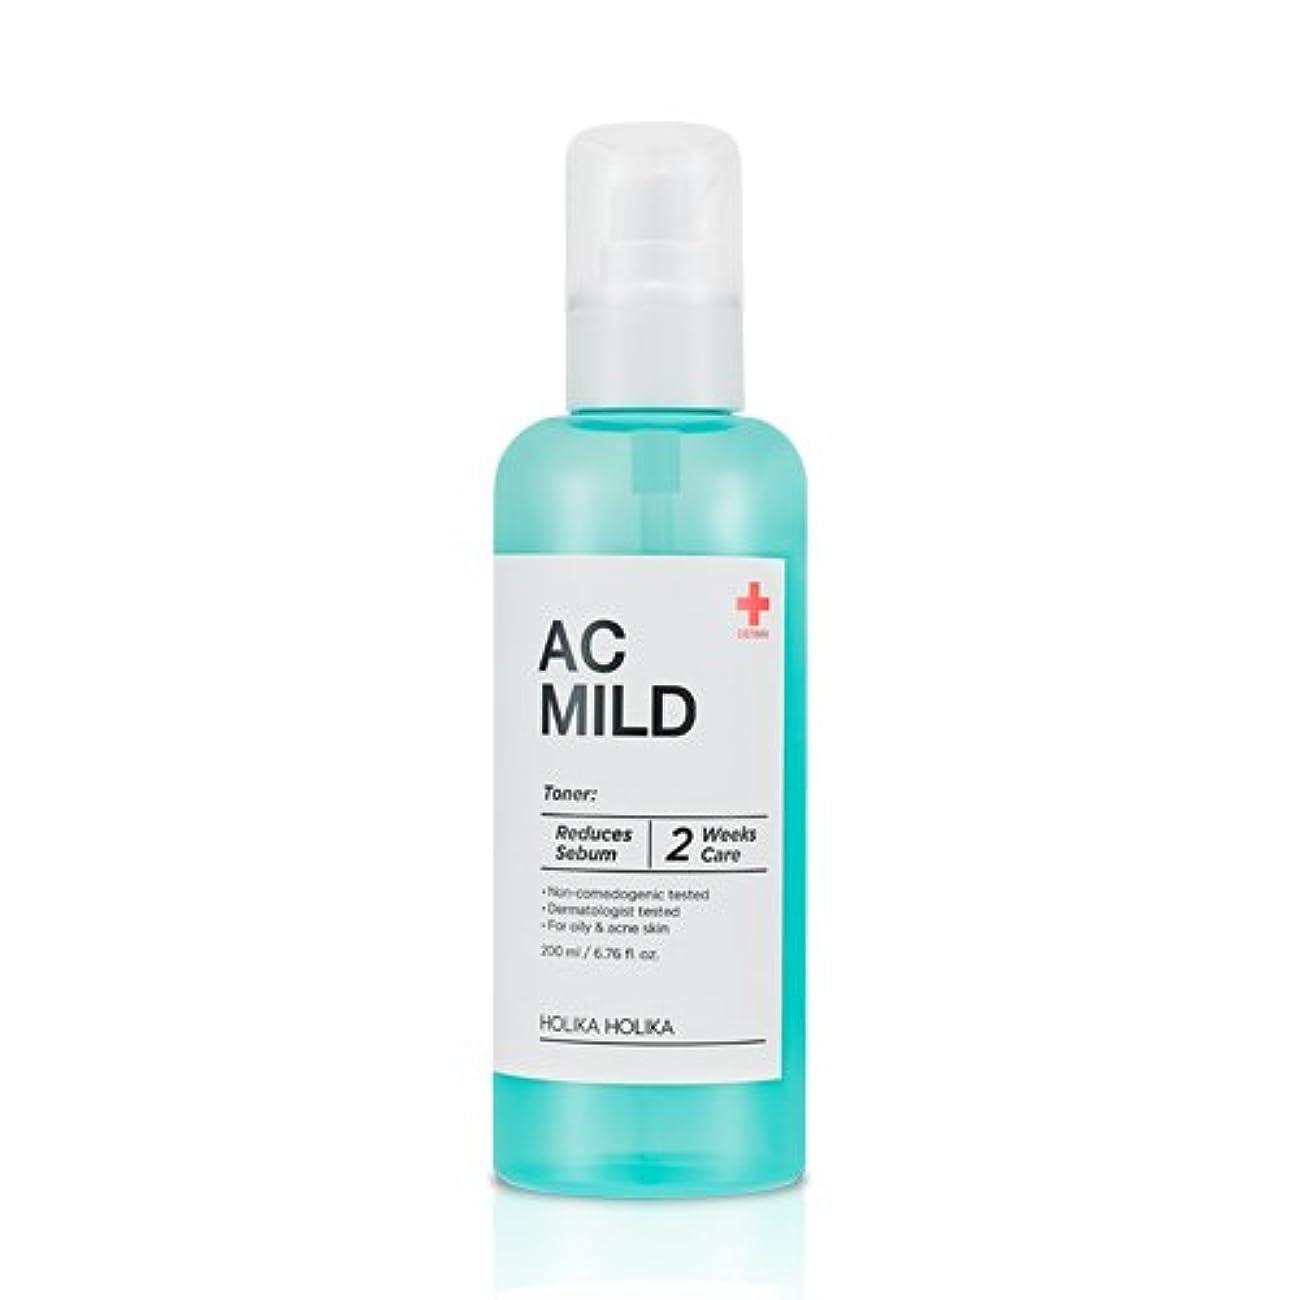 実質的追い出すマイルホリカホリカ ACマイルドスキントナー/HolikaHolika AC Mild Skin Toner 200ml?化粧水 [並行輸入品]